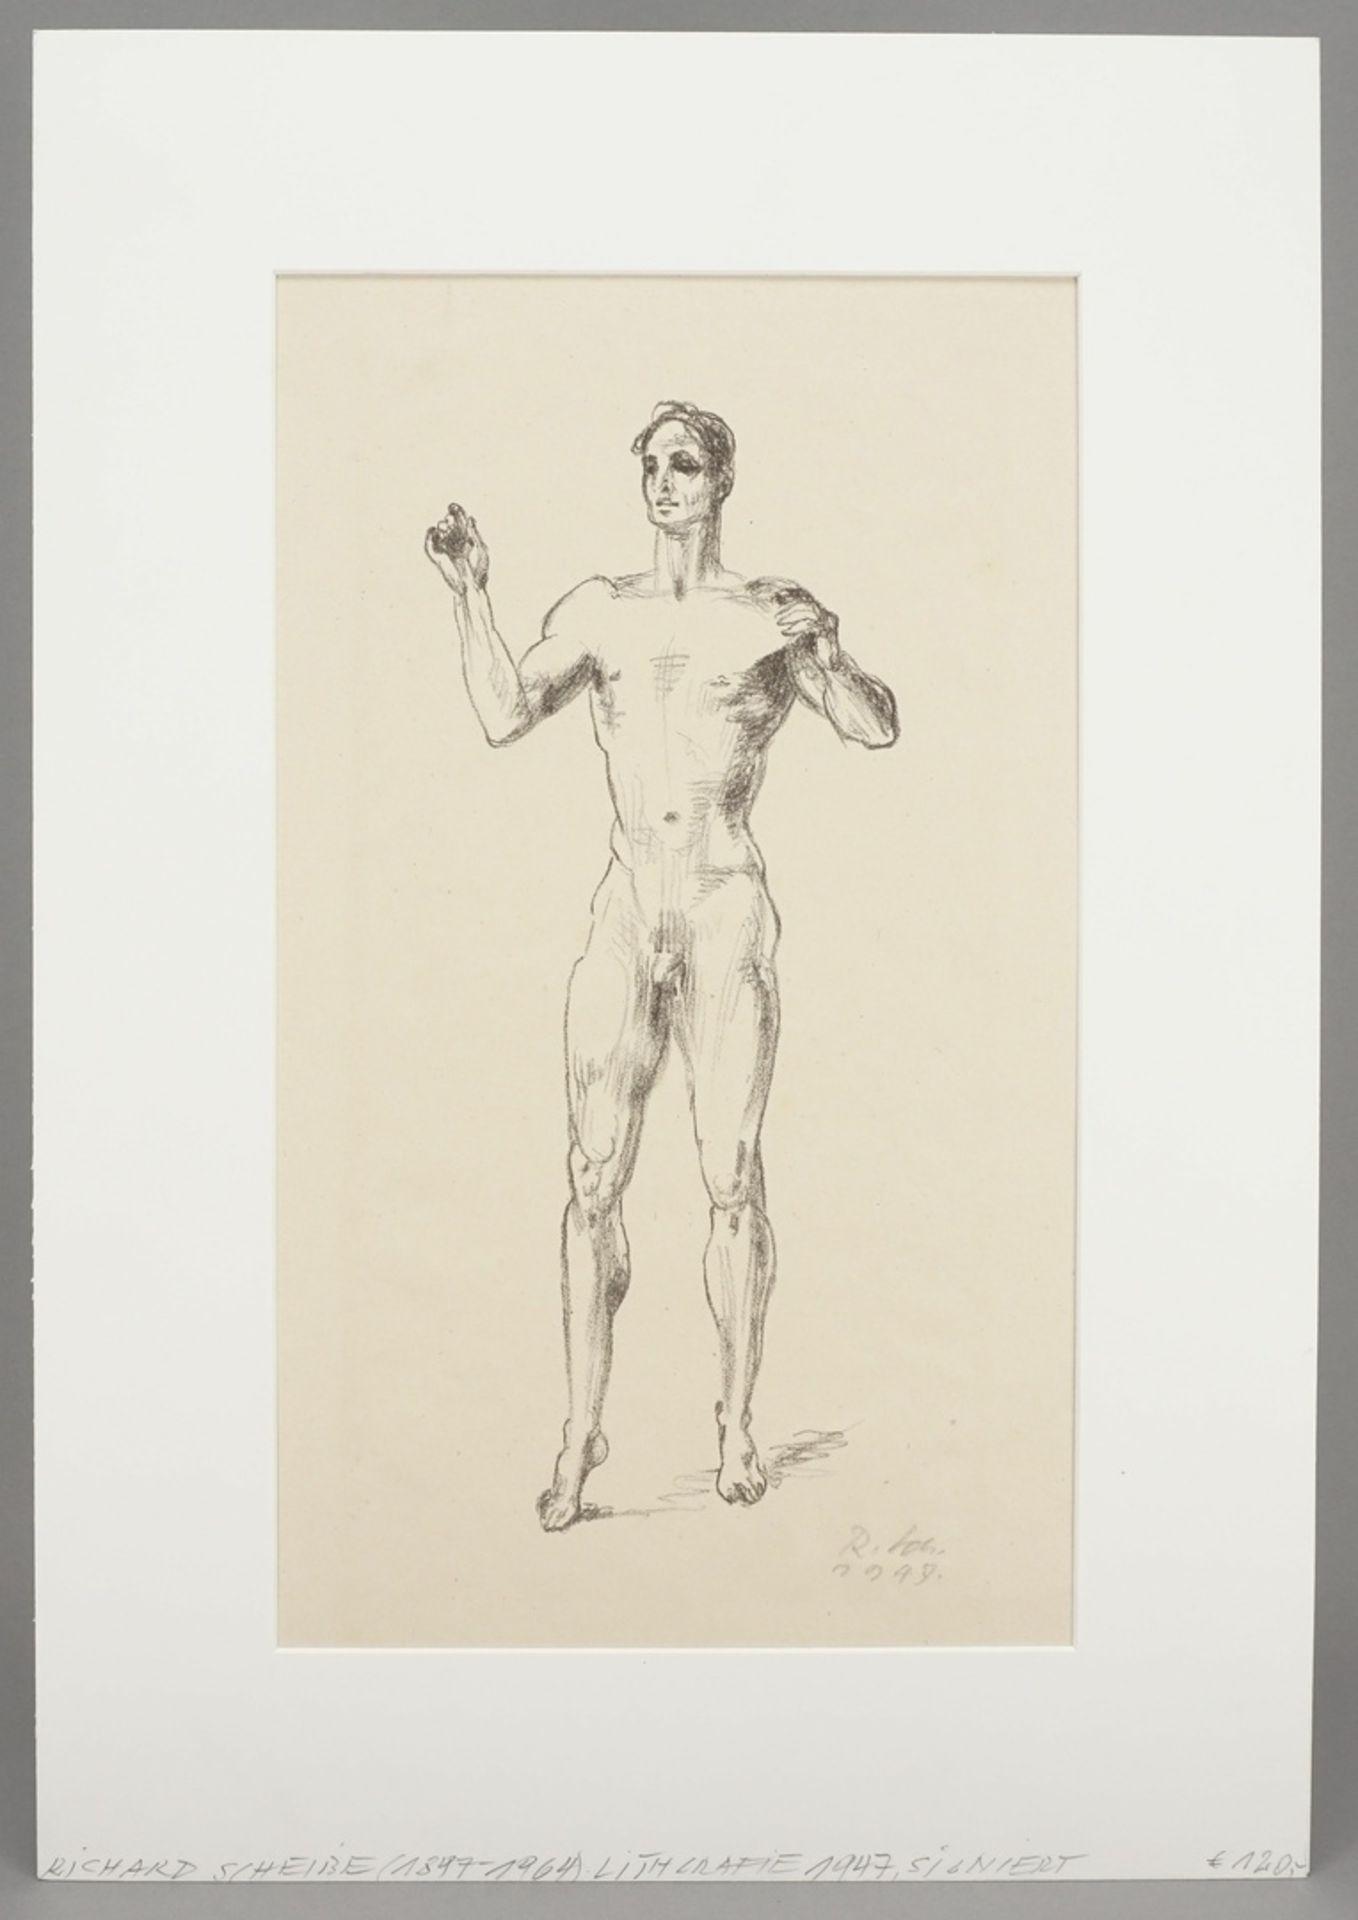 Richard Scheibe, Stehender männlicher Akt mit erhobenen Armen - Bild 2 aus 4